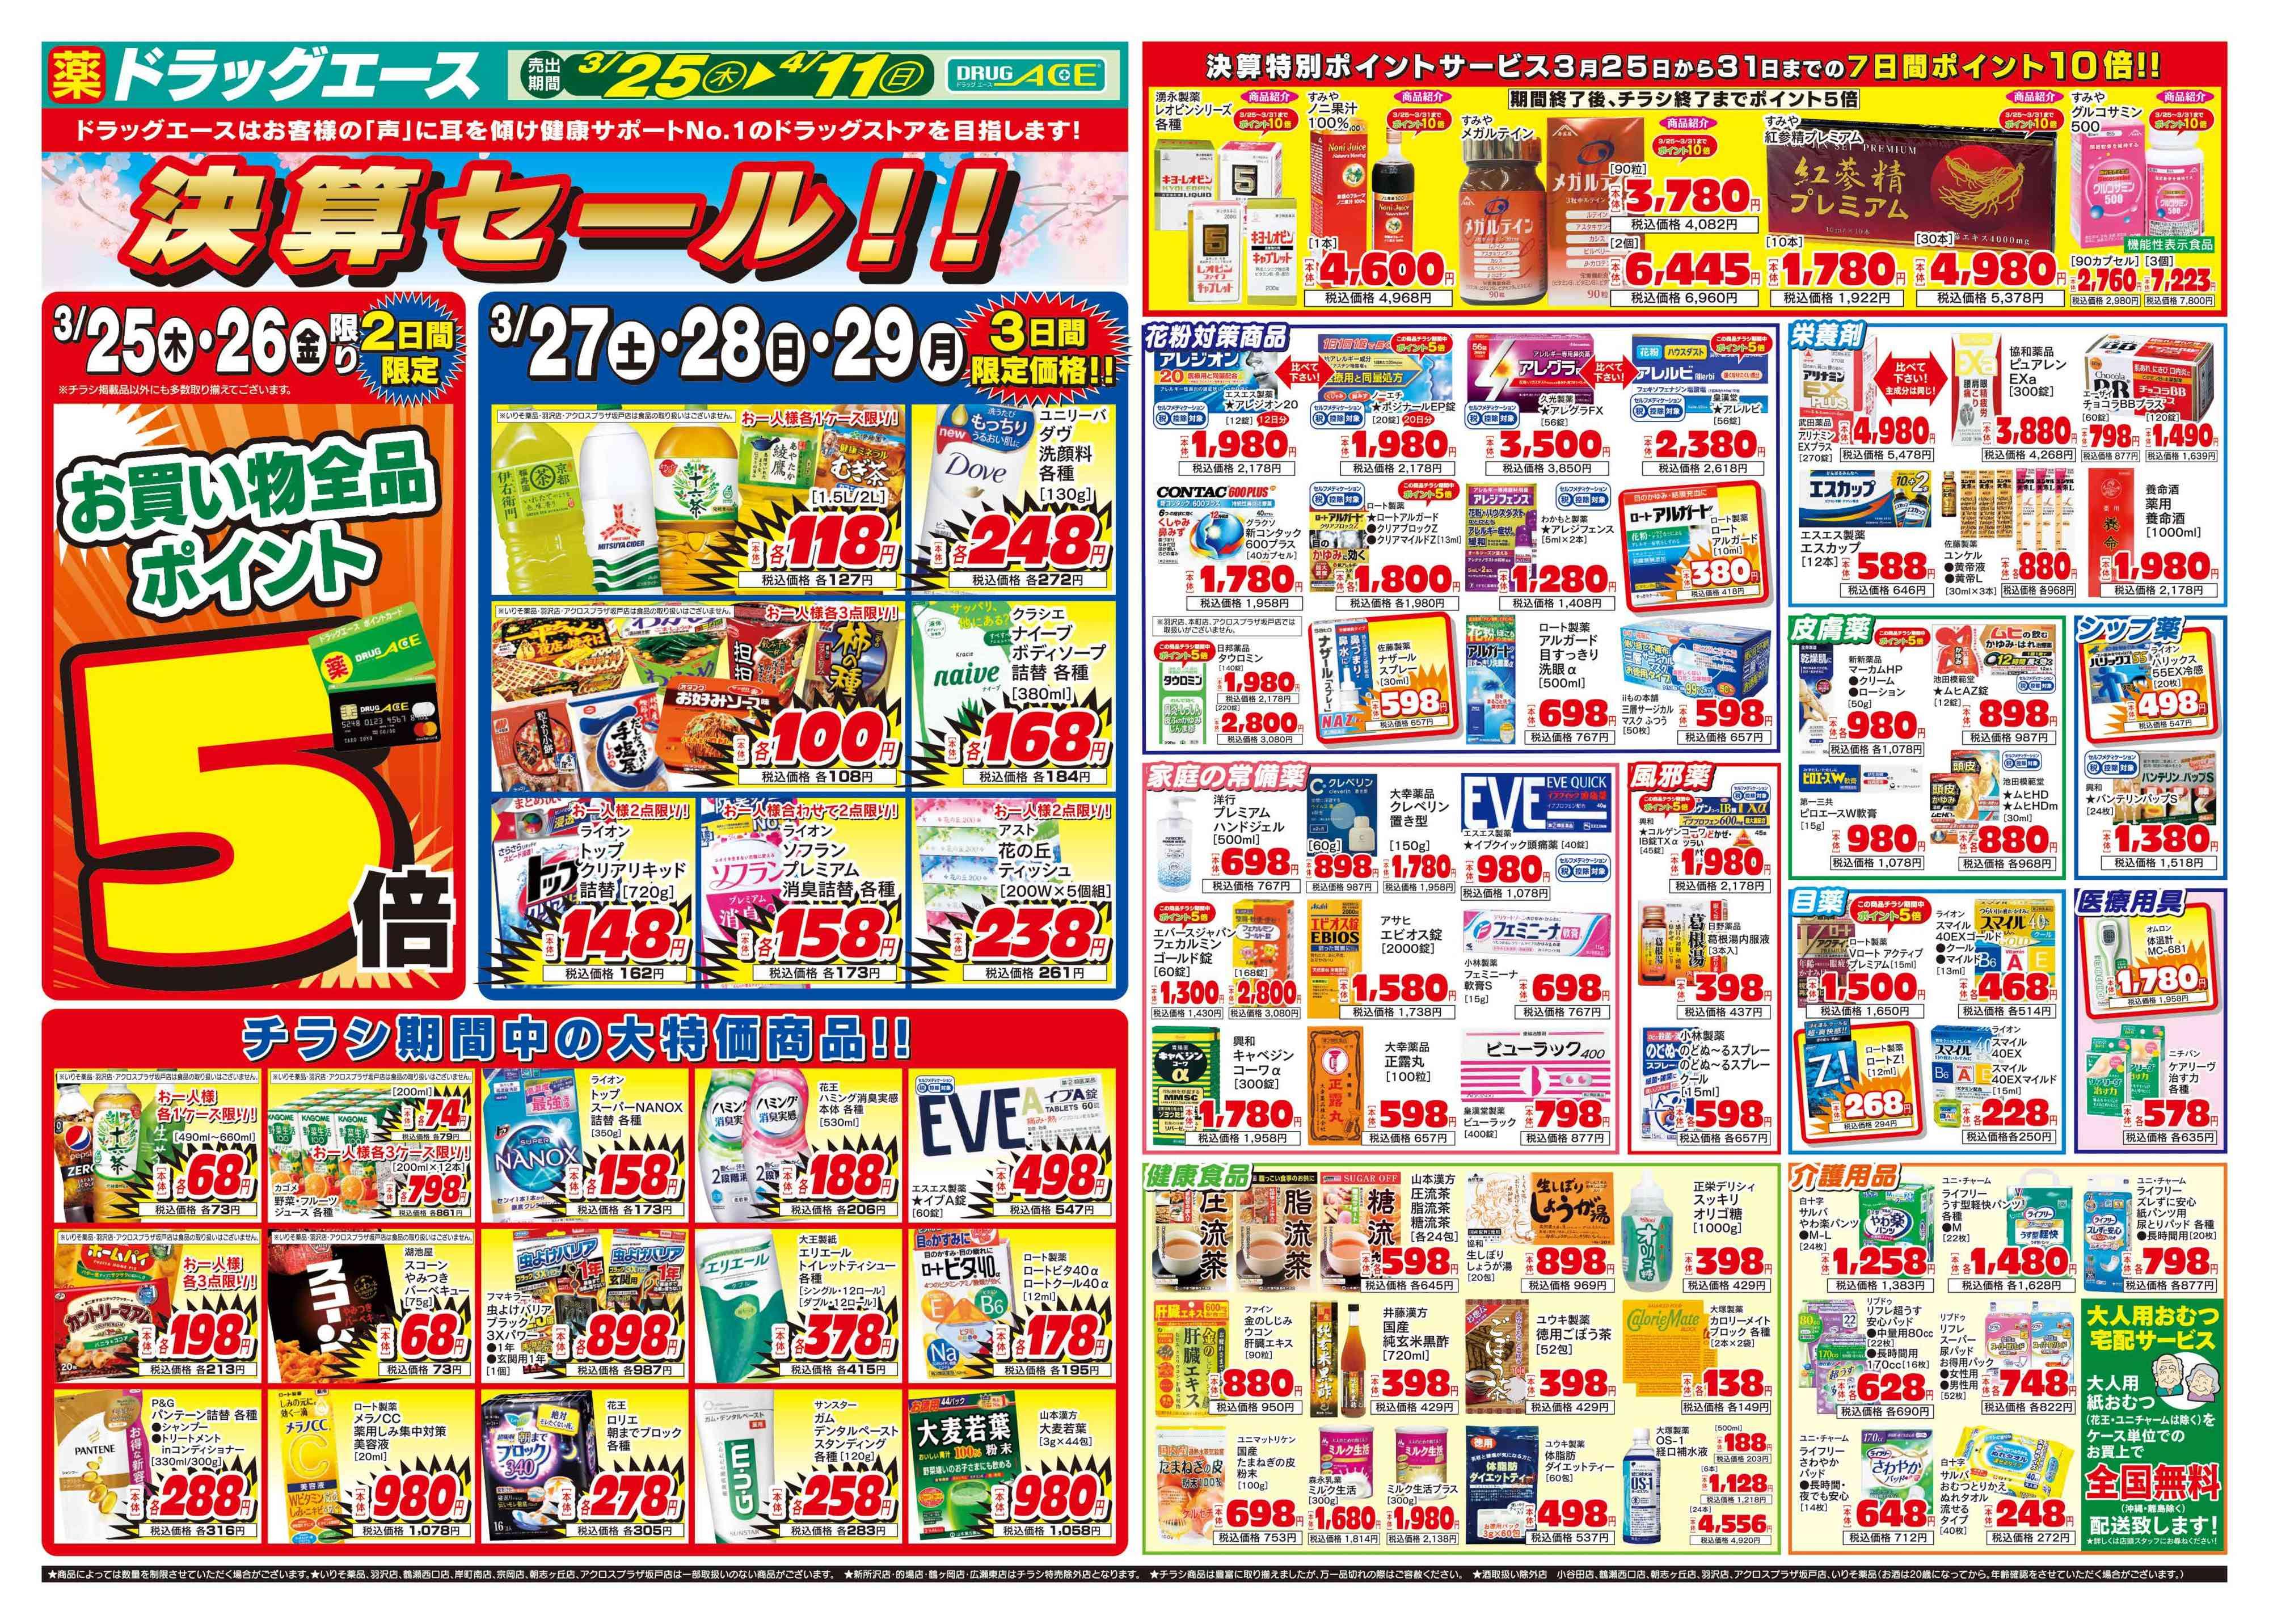 チラシ 台 サミット 朝霞 サミットのチラシ掲載店舗・企業 シュフー Shufoo!